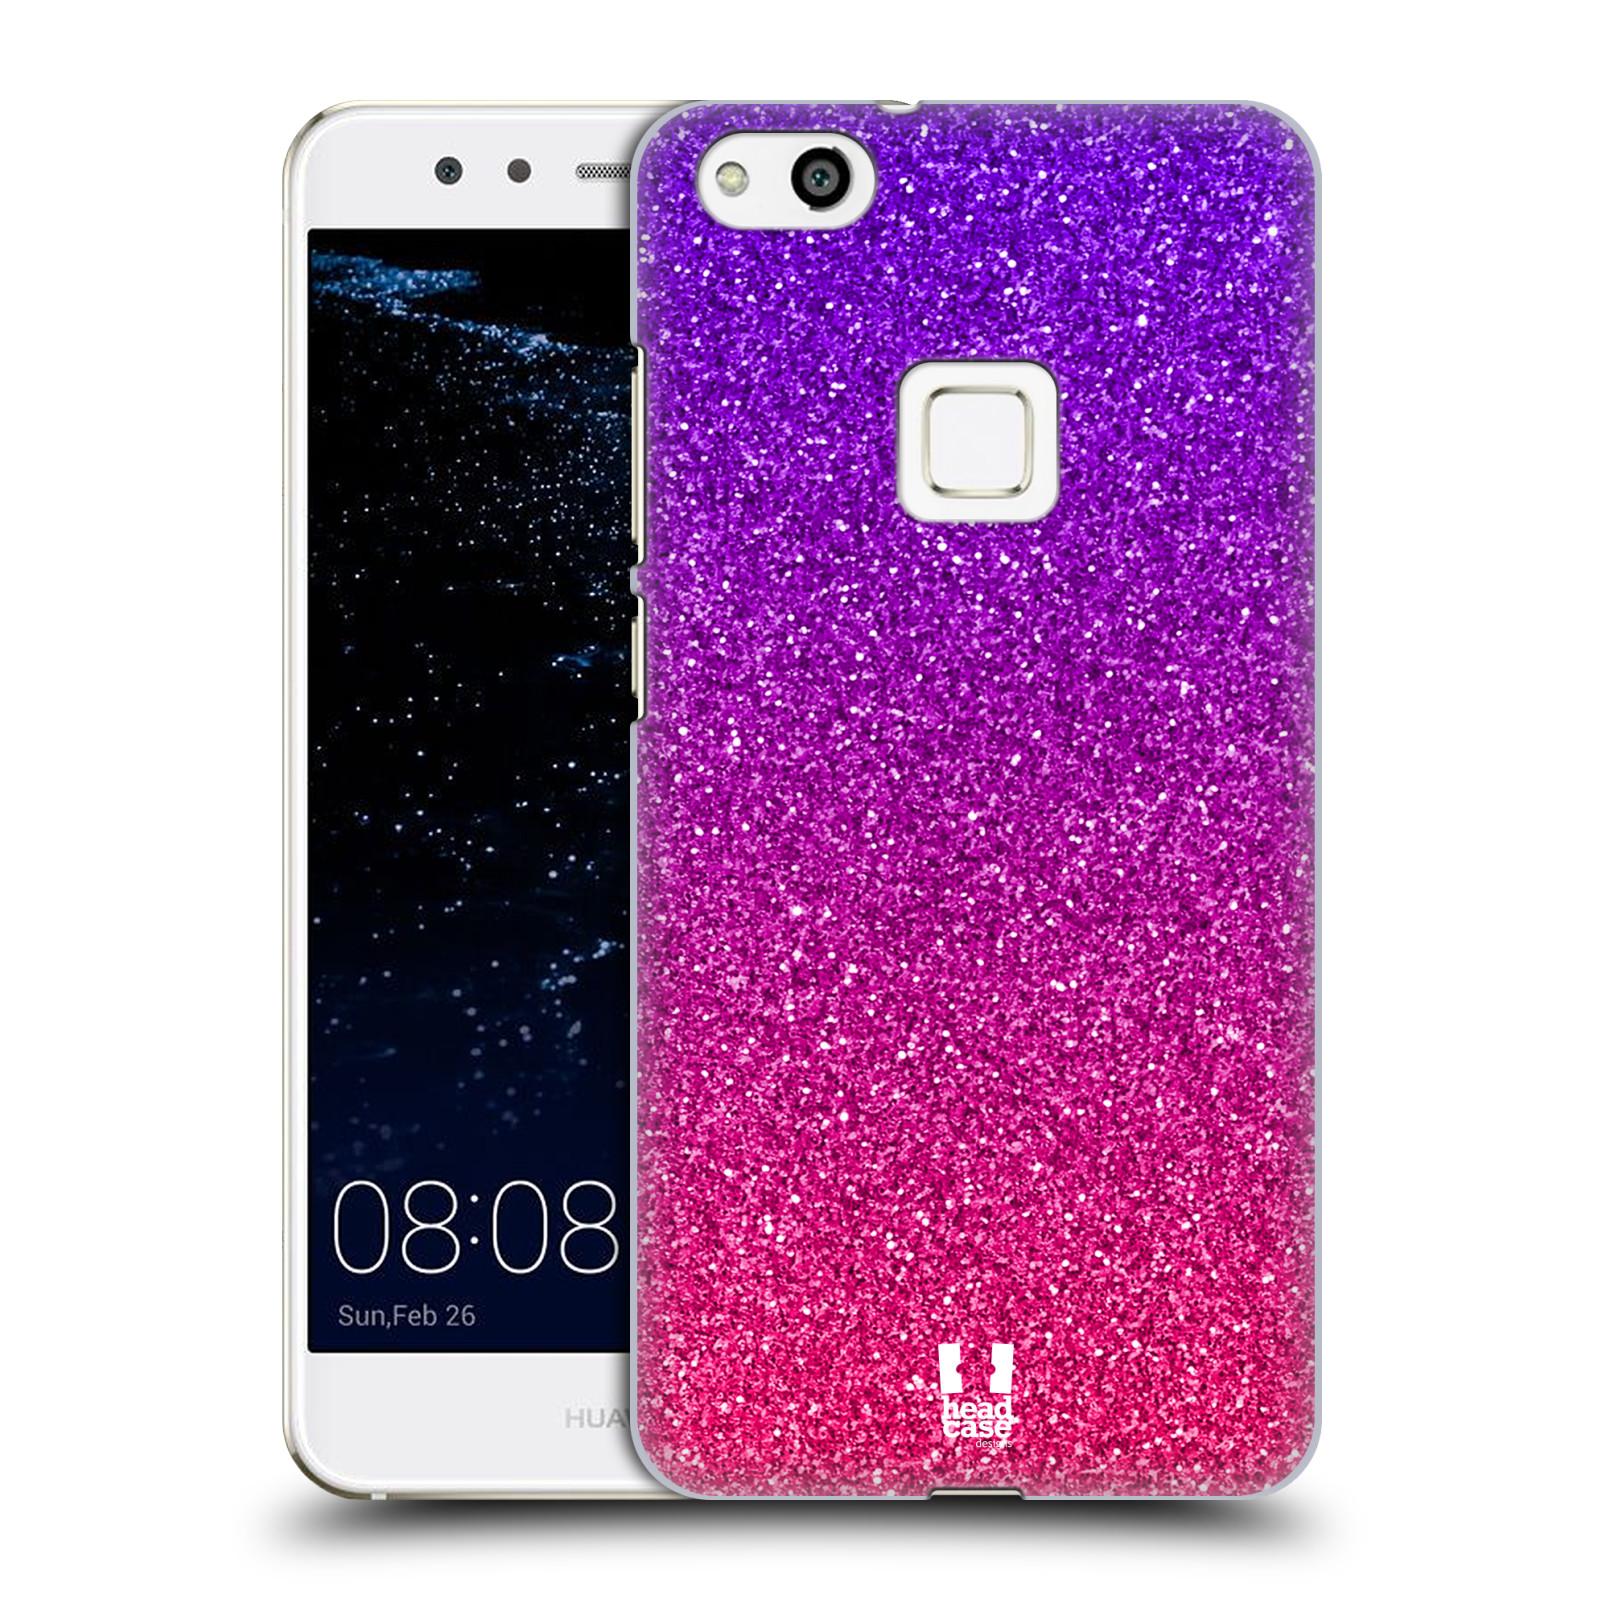 Plastové pouzdro na mobil Huawei P10 Lite Head Case - Mix Pink (Plastový kryt či obal na mobilní telefon Huawei P10 Lite Dual SIM (LX1/LX1A))